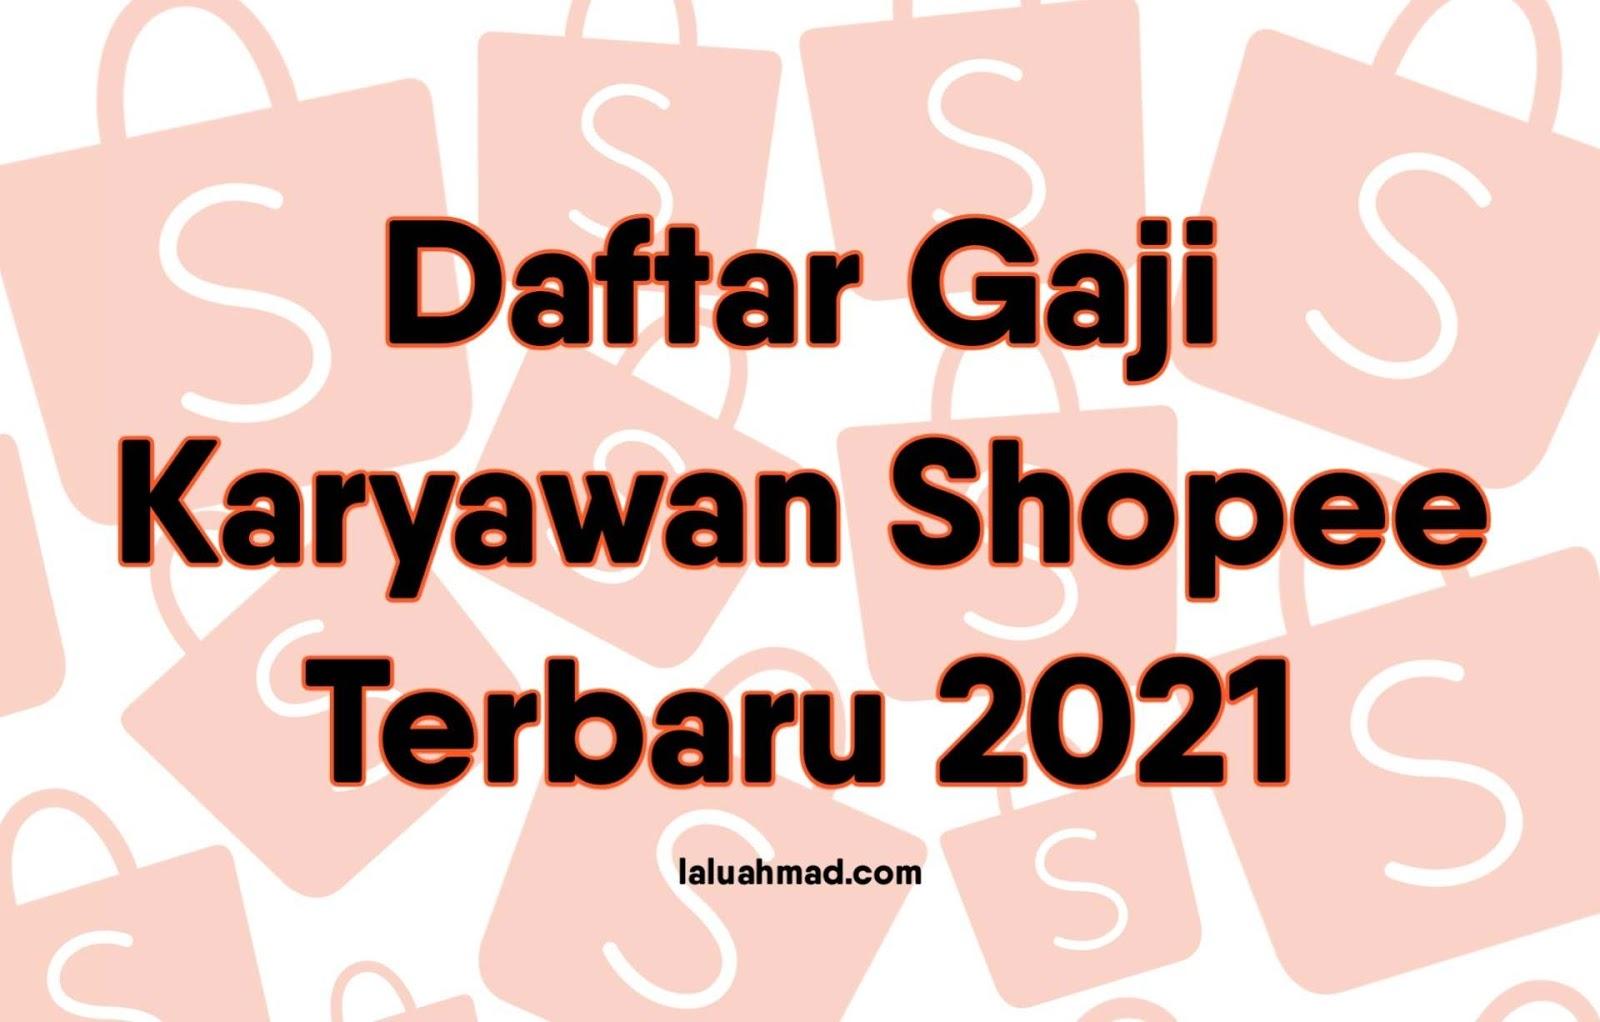 Daftar Gaji Karyawan Shopee Terbaru 2021